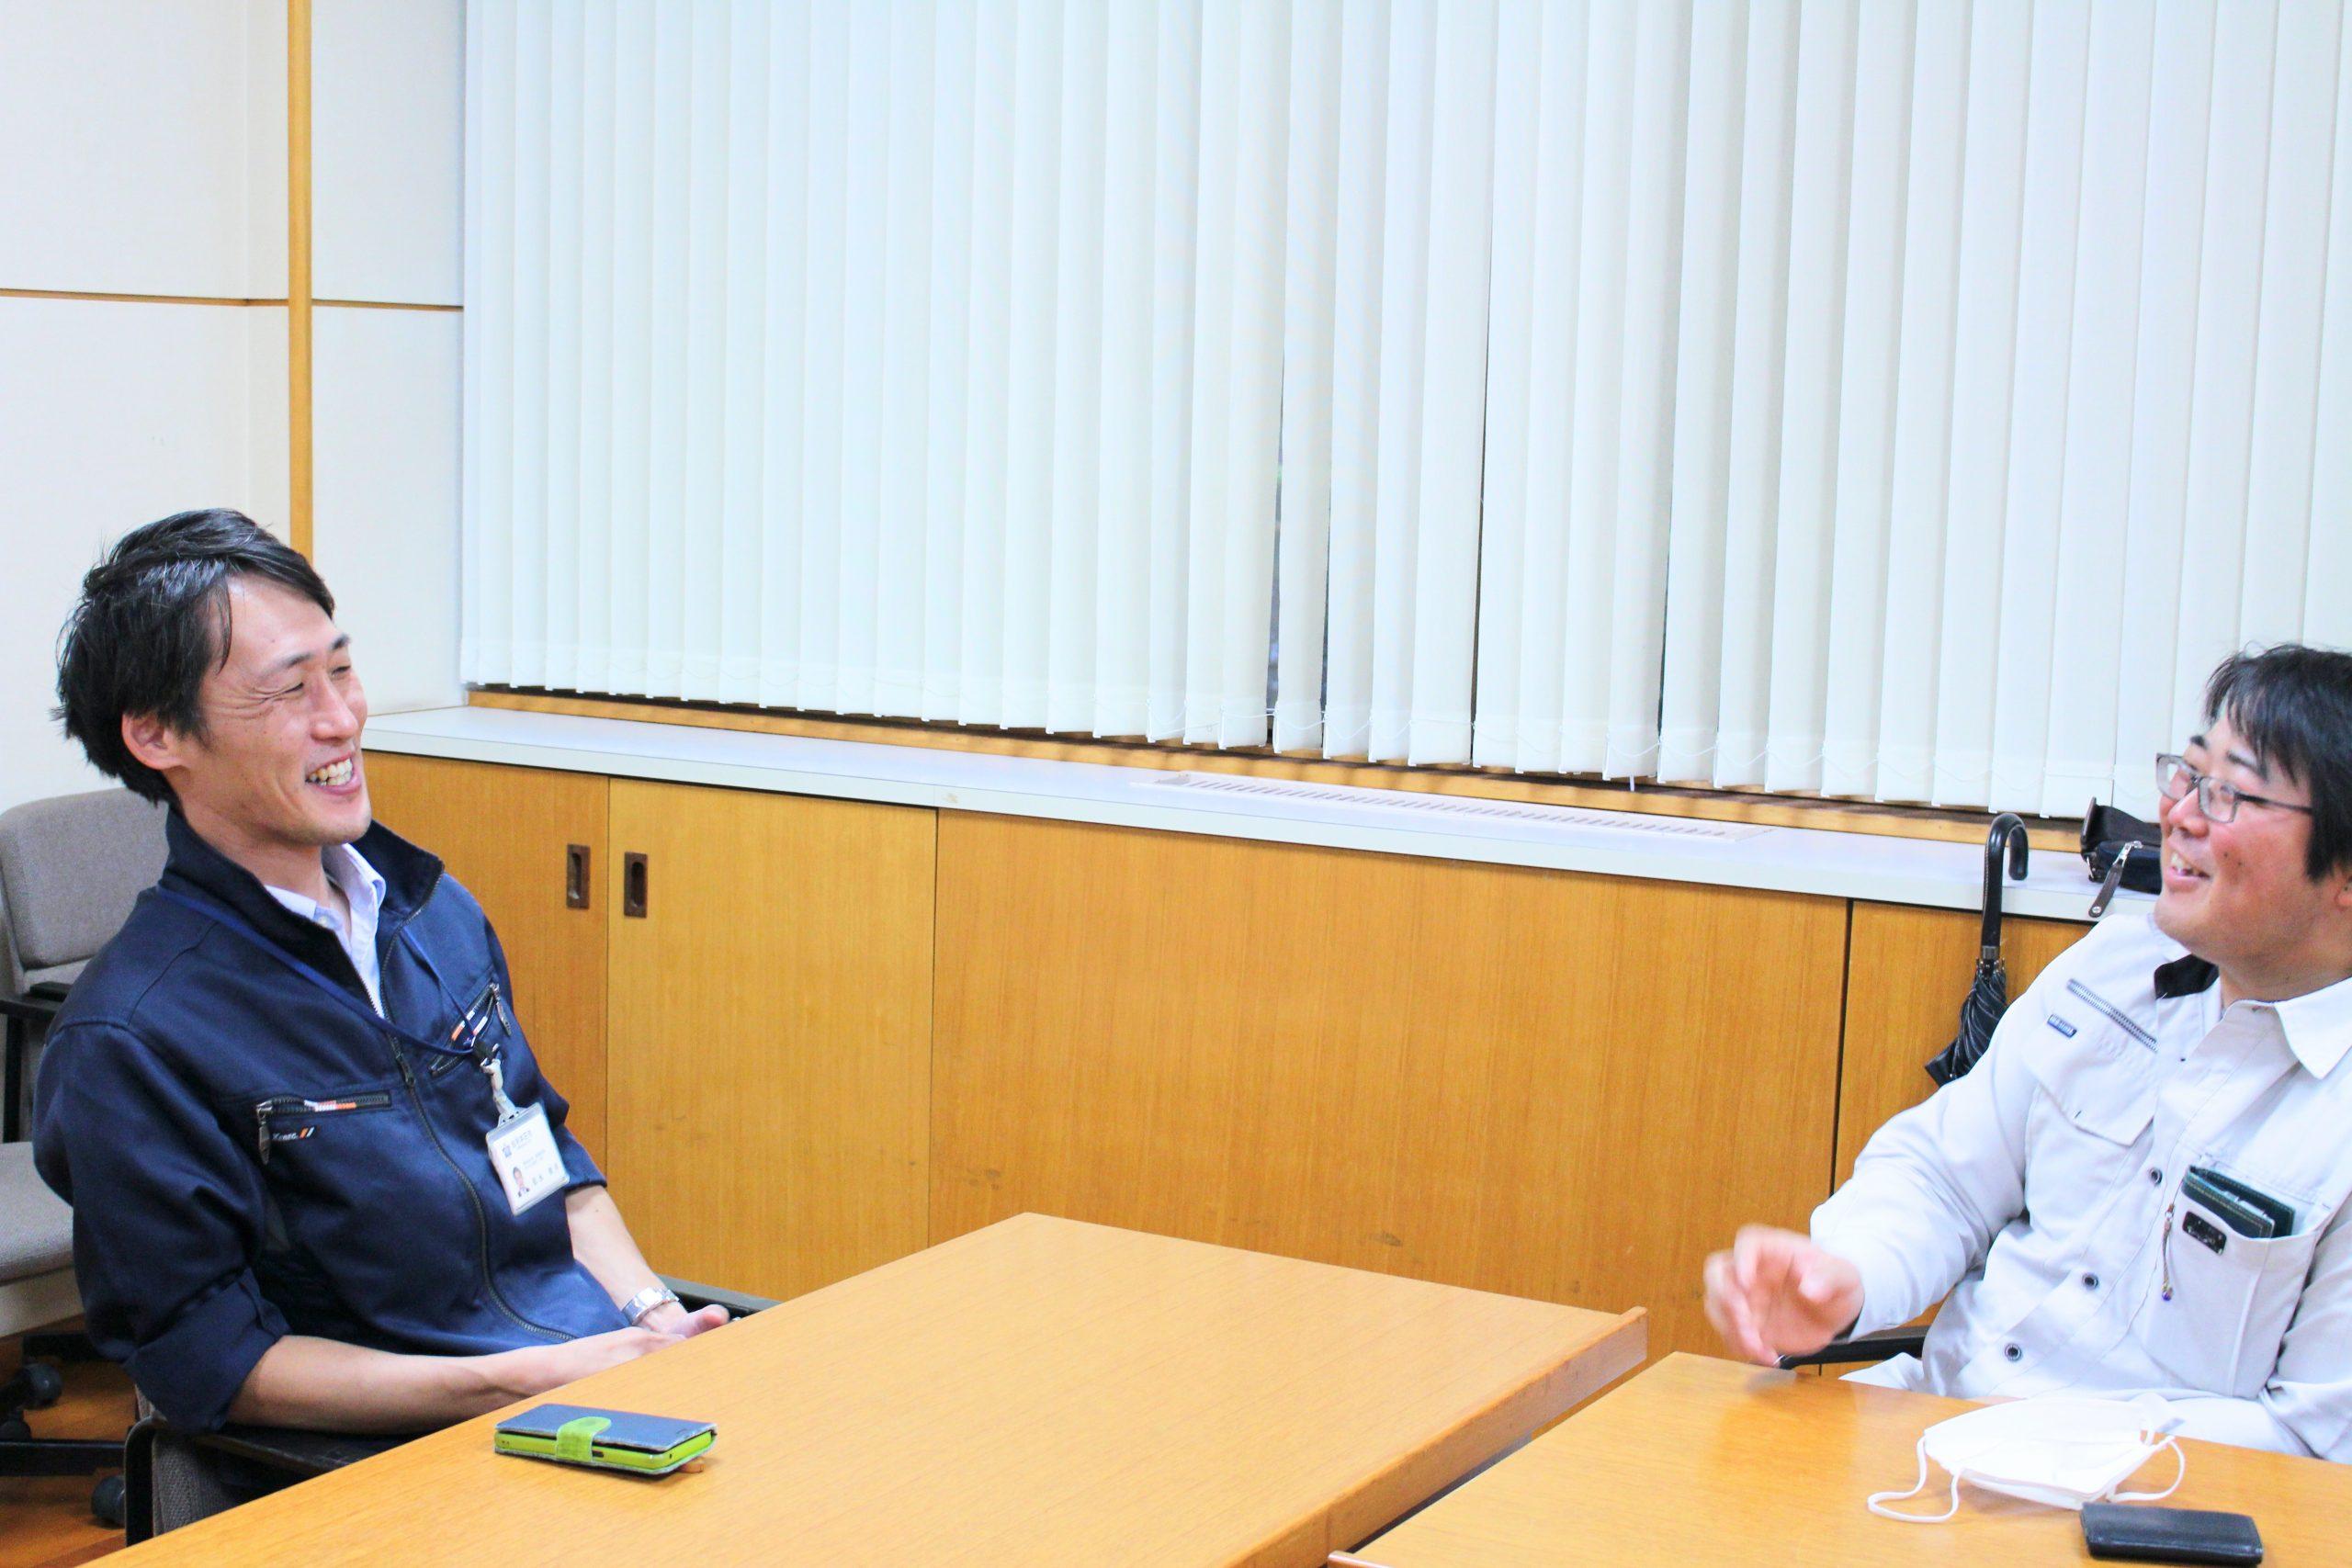 取材中、談笑する髙野さんと松永さん。その様子からも良好な関係が伺えます